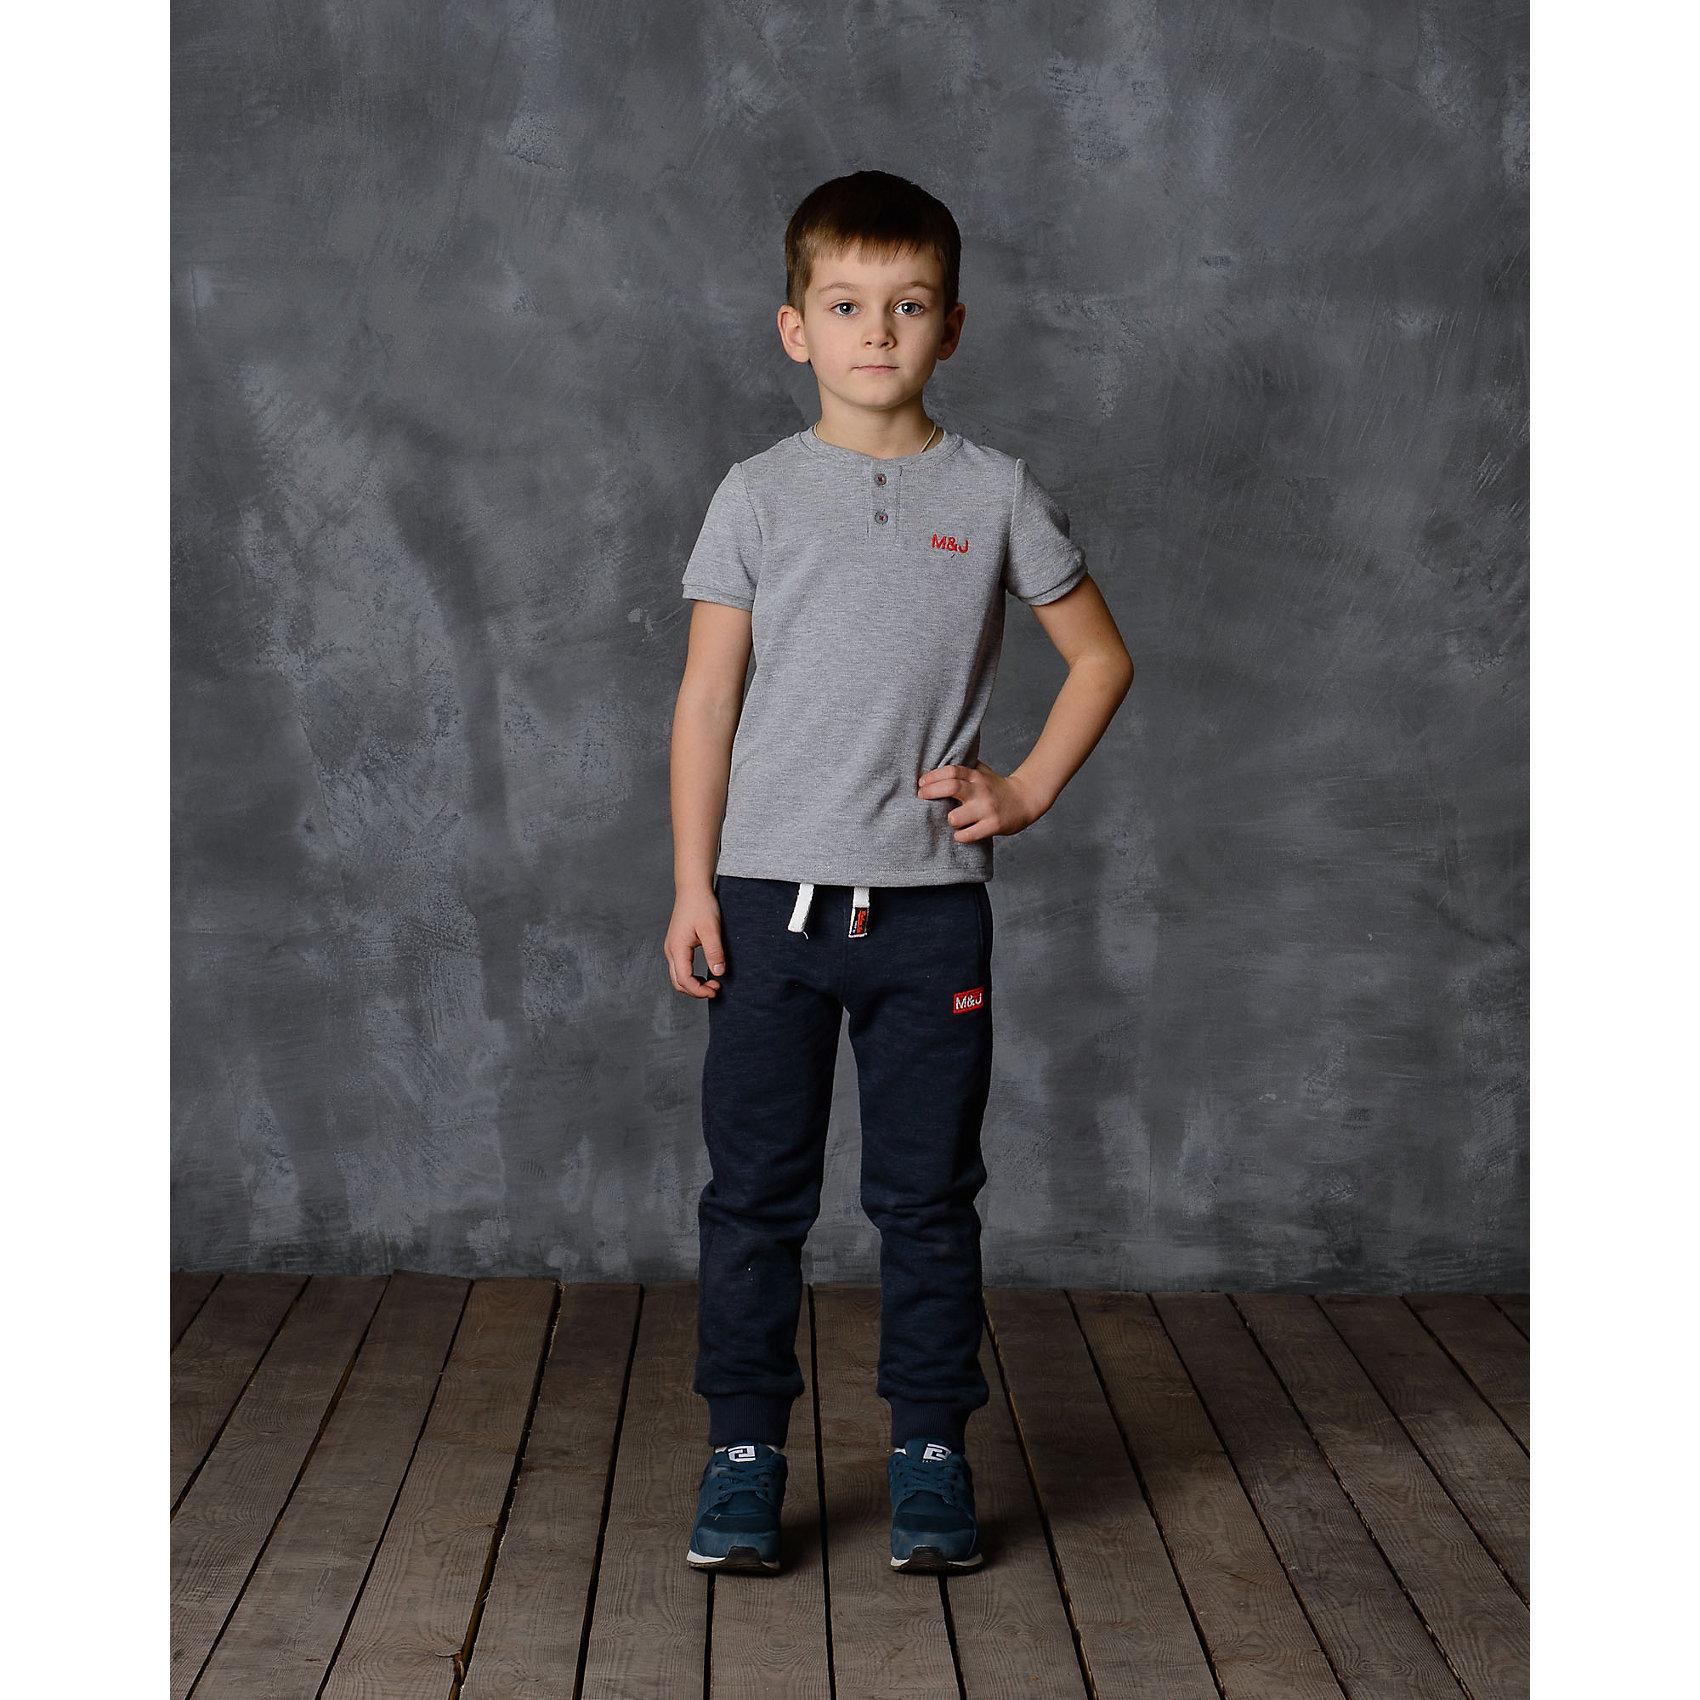 Брюки для мальчика Modniy JukБрюки<br>Характеристики товара:<br><br>• цвет: джинс<br>• состав: 65% хлопок, 35% полиэстер<br>• спортивный силуэт<br>• карманы<br>• пояс - мягкая резинка<br>• манжеты<br>• логотип<br>• шнурок в поясе<br>• страна бренда: Российская Федерация<br>• страна производства: Российская Федерация<br><br>Модели одежды из новой коллекции от бренда Модный жук - это стильные и удобные вещи, созданные специально для детей. Они отличаются продуманным дизайном, качественными материалами и комфортной посадкой. Дети носят их с удовольствием! Стильные брюки спортивного силуэта - хит сезона, отличный вариант базовой вещи для разной погоды. Они отлично сочетаются с майками, футболками, куртками. Хорошо сидят по фигуре.<br><br>Брюки для мальчика от популярного бренда Модный жук можно купить в нашем интернет-магазине.<br><br>Ширина мм: 215<br>Глубина мм: 88<br>Высота мм: 191<br>Вес г: 336<br>Цвет: синий<br>Возраст от месяцев: 36<br>Возраст до месяцев: 48<br>Пол: Мужской<br>Возраст: Детский<br>Размер: 104,98<br>SKU: 5613573